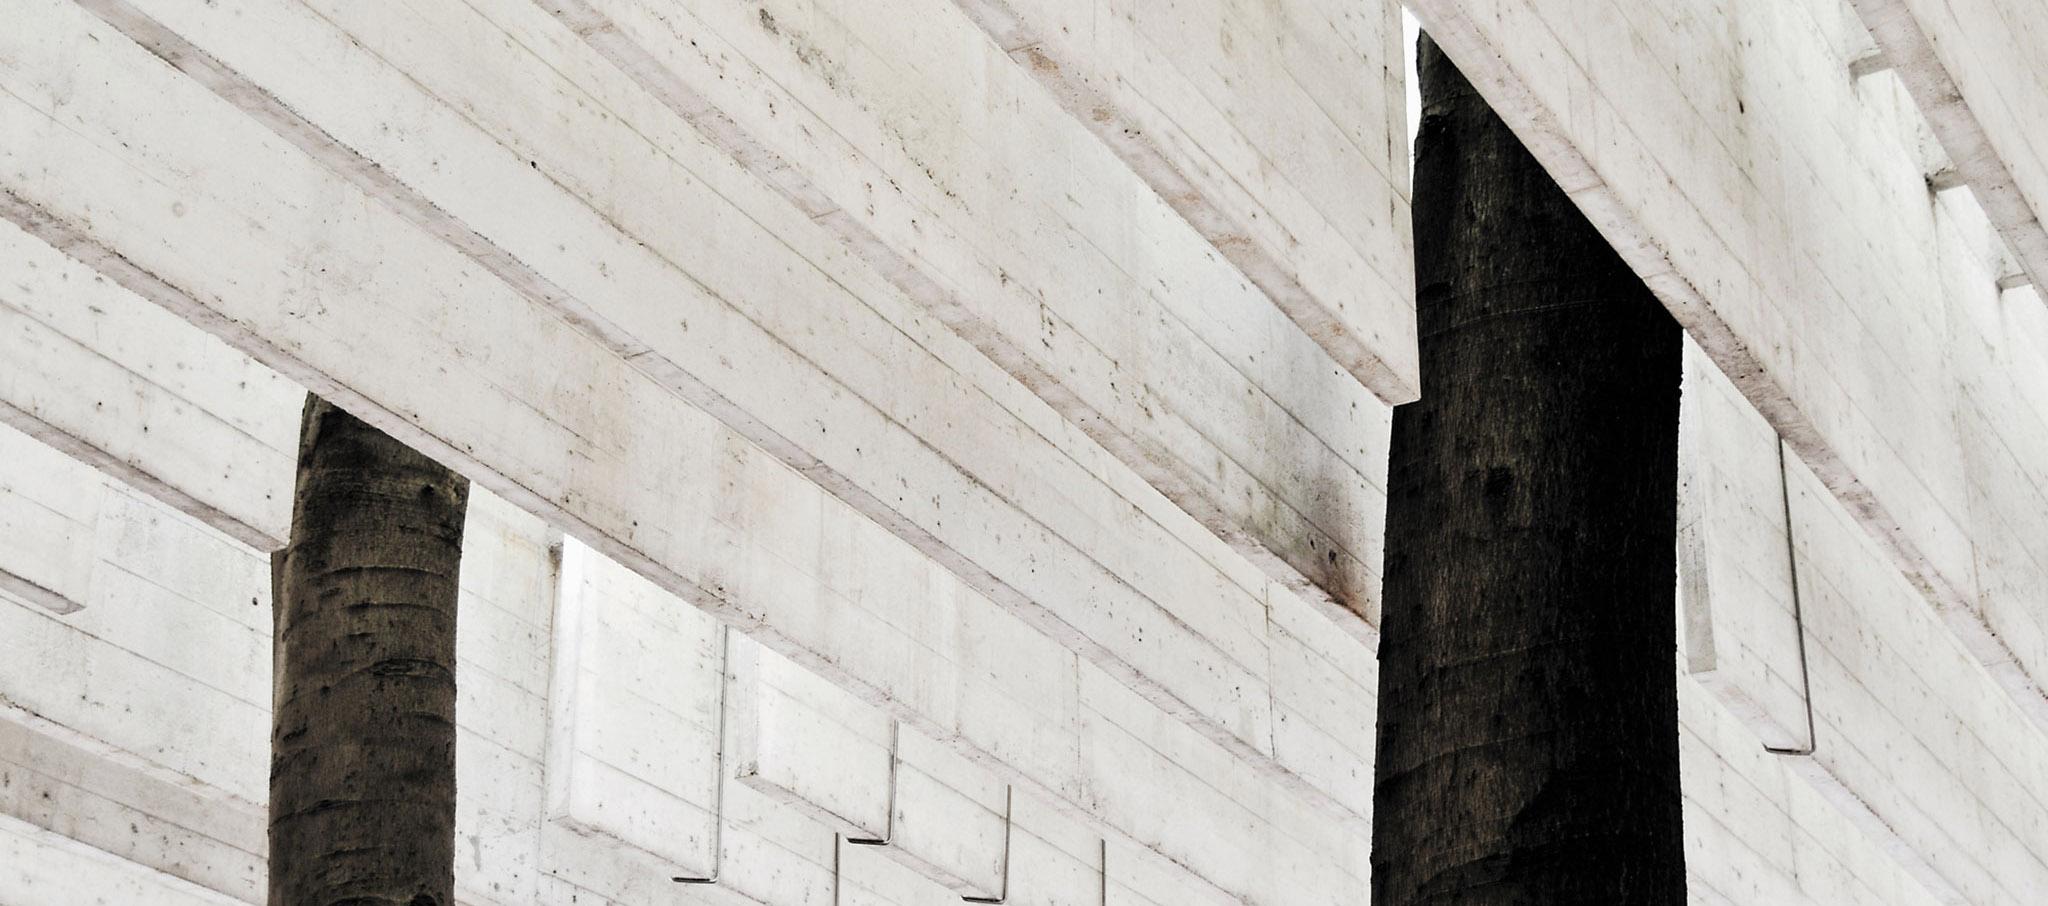 Detalle. Pabellón nórdico, Venecia. Fotografía de Maurizio Mucciola